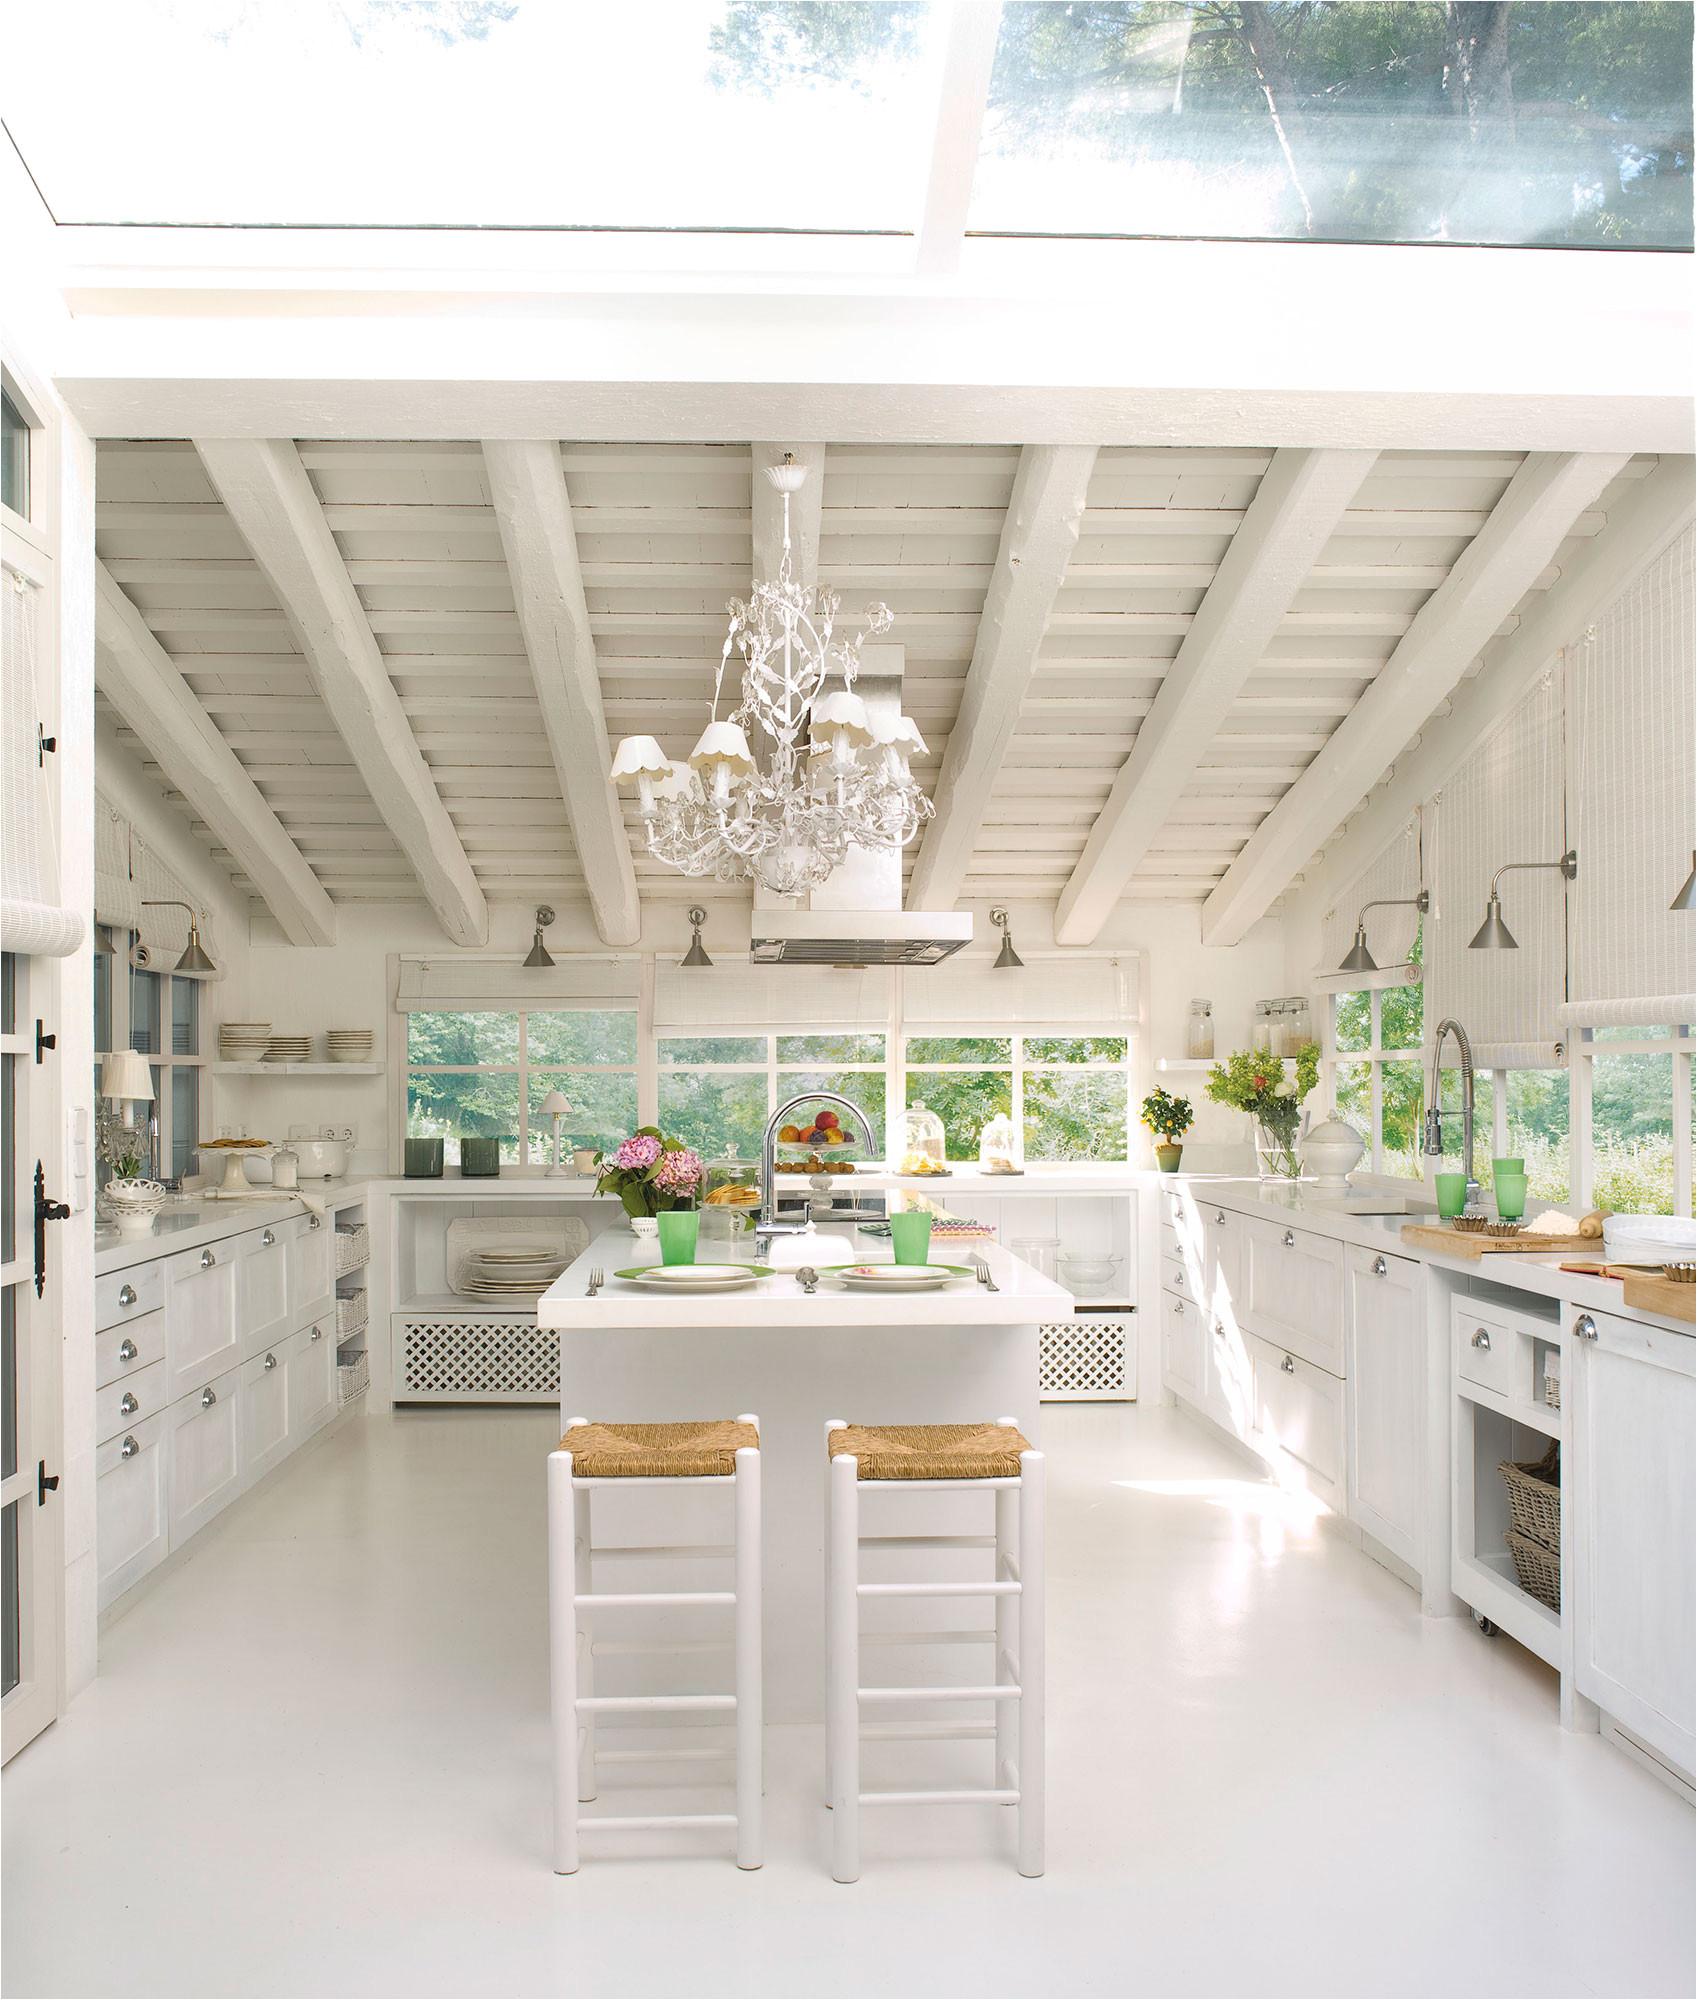 lo suelos para cocinas blancas con motivo de magnifico cocinas blancas idea para suelos para cocinas blancas jpg